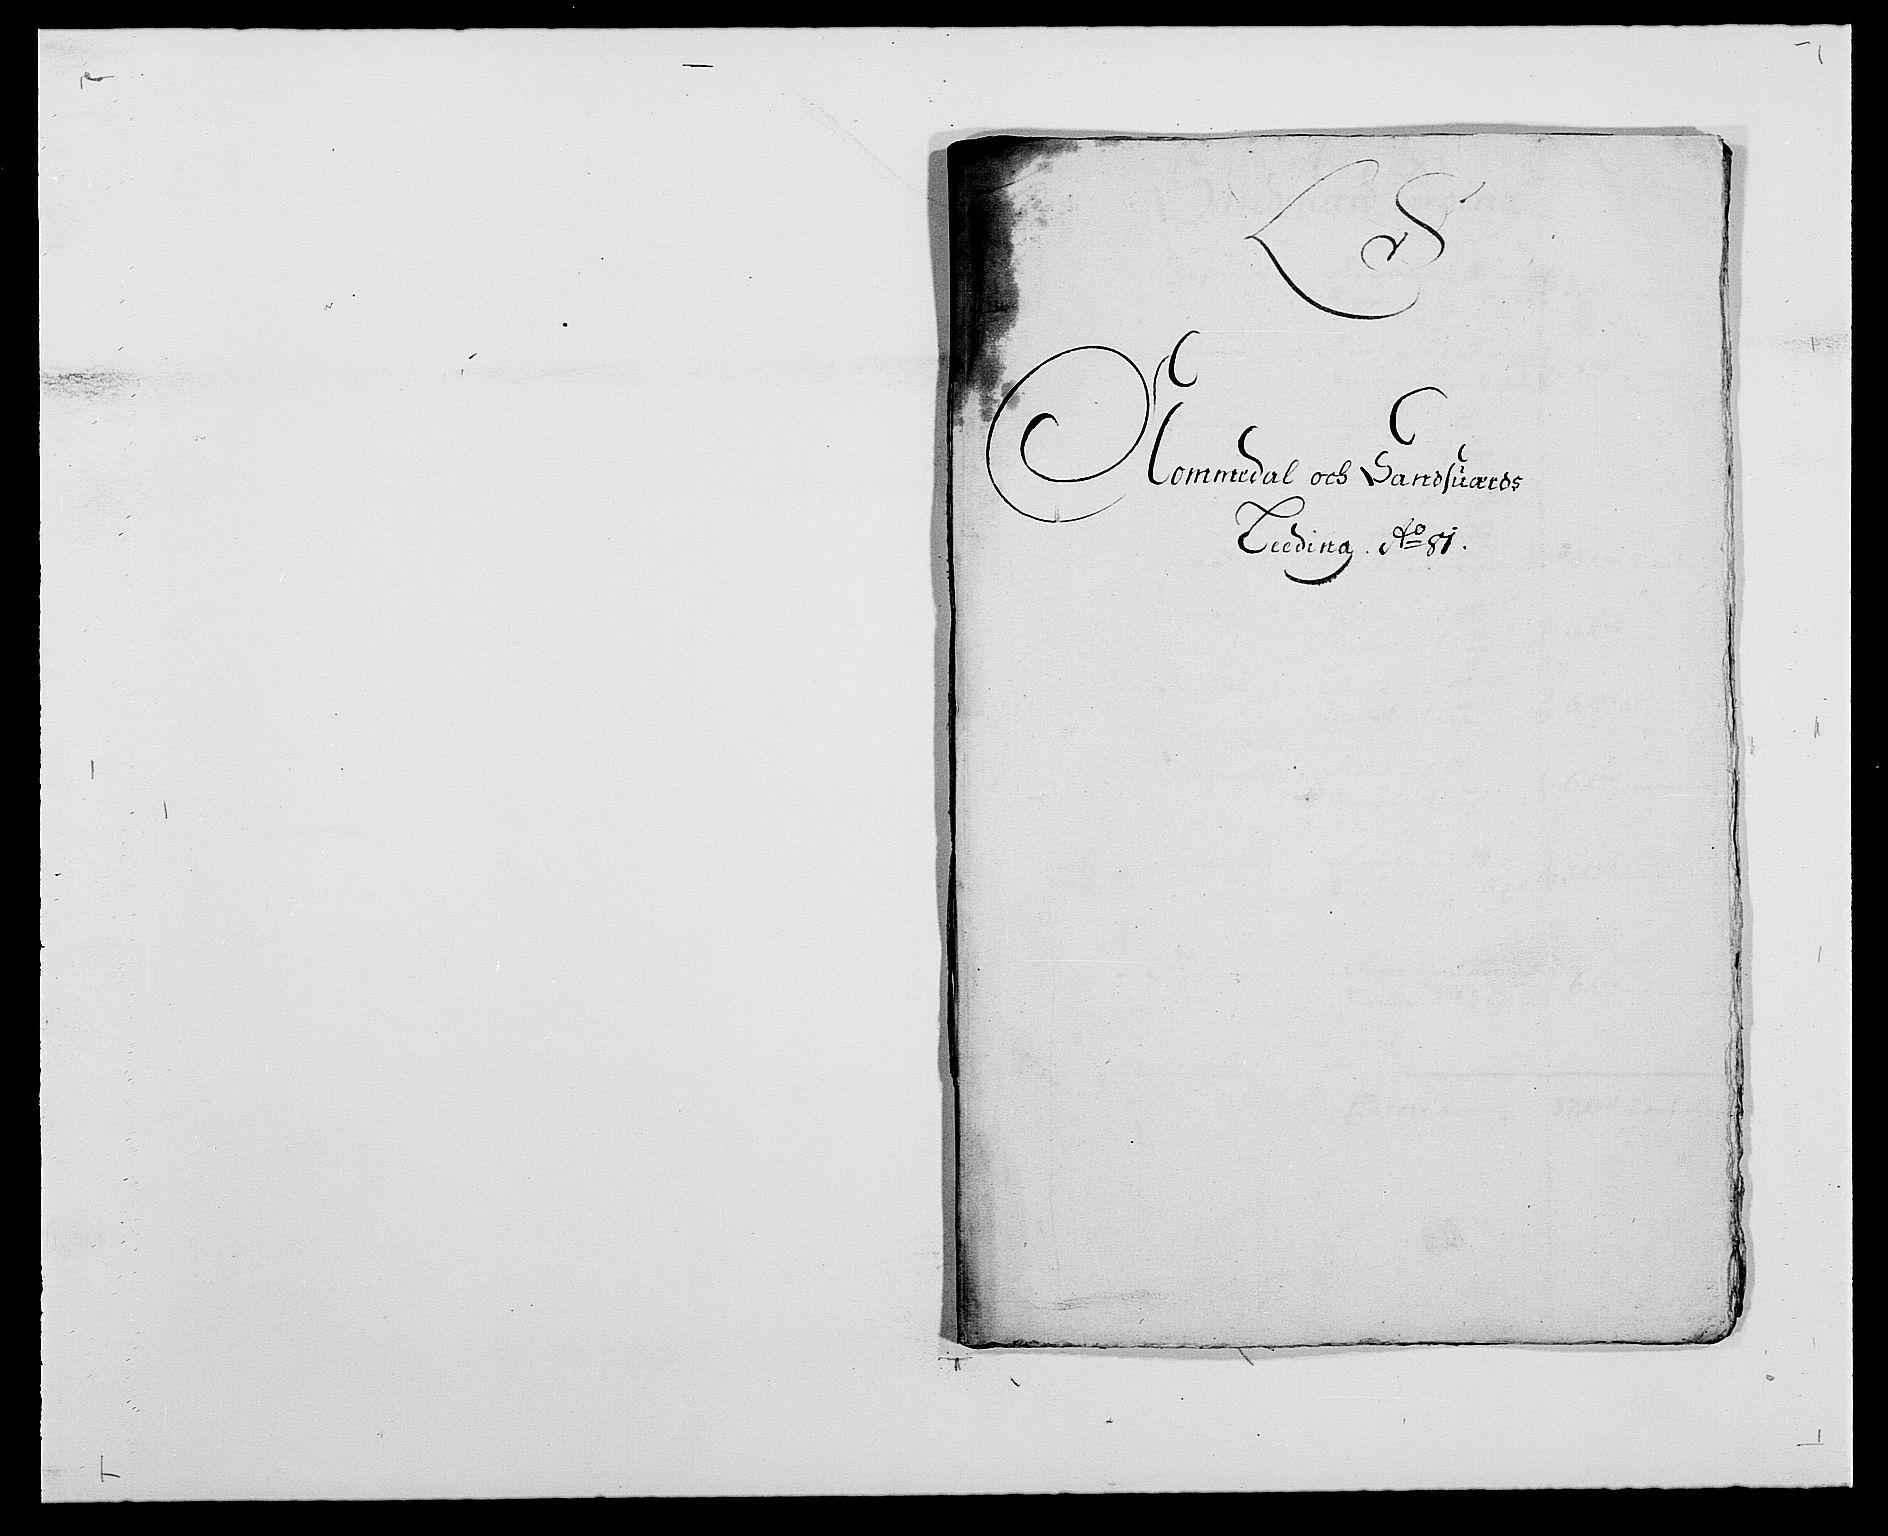 RA, Rentekammeret inntil 1814, Reviderte regnskaper, Fogderegnskap, R24/L1569: Fogderegnskap Numedal og Sandsvær, 1679-1686, s. 236